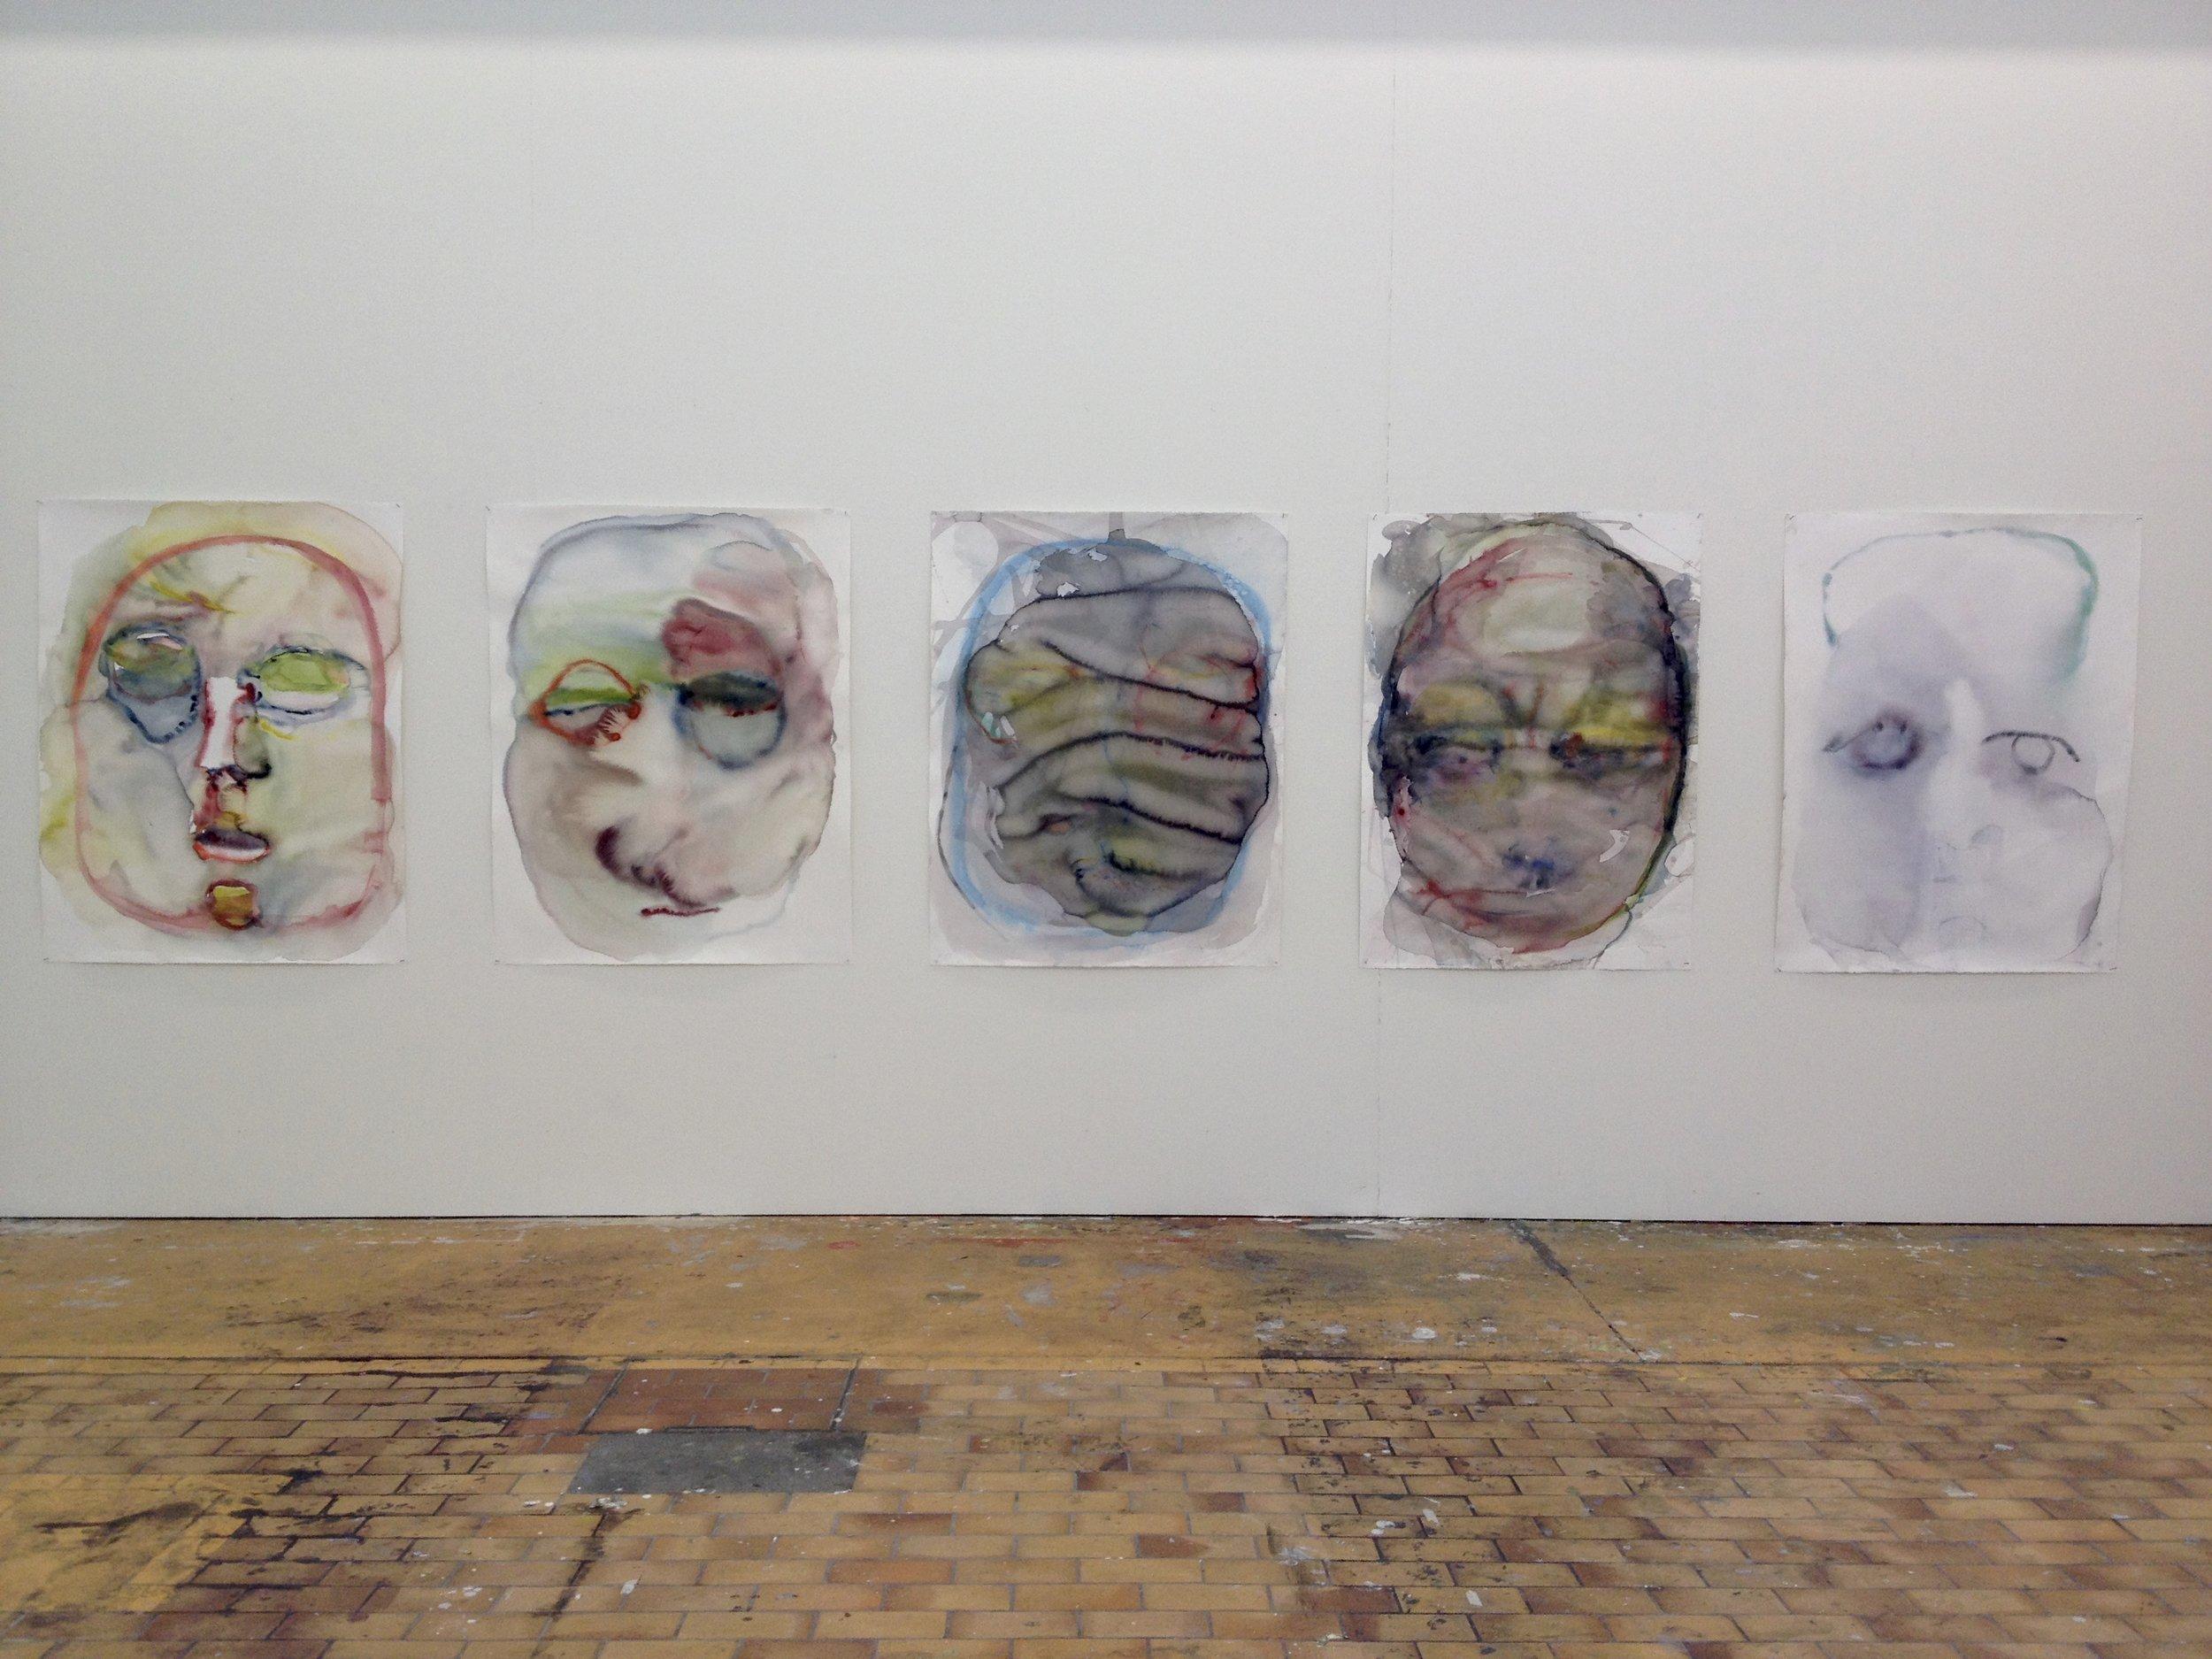 Gib mir mein Gesicht zurück, 2016, Serie aus 5 Aquarellmalereien auf Papier, alle ca 100 x 130 cm